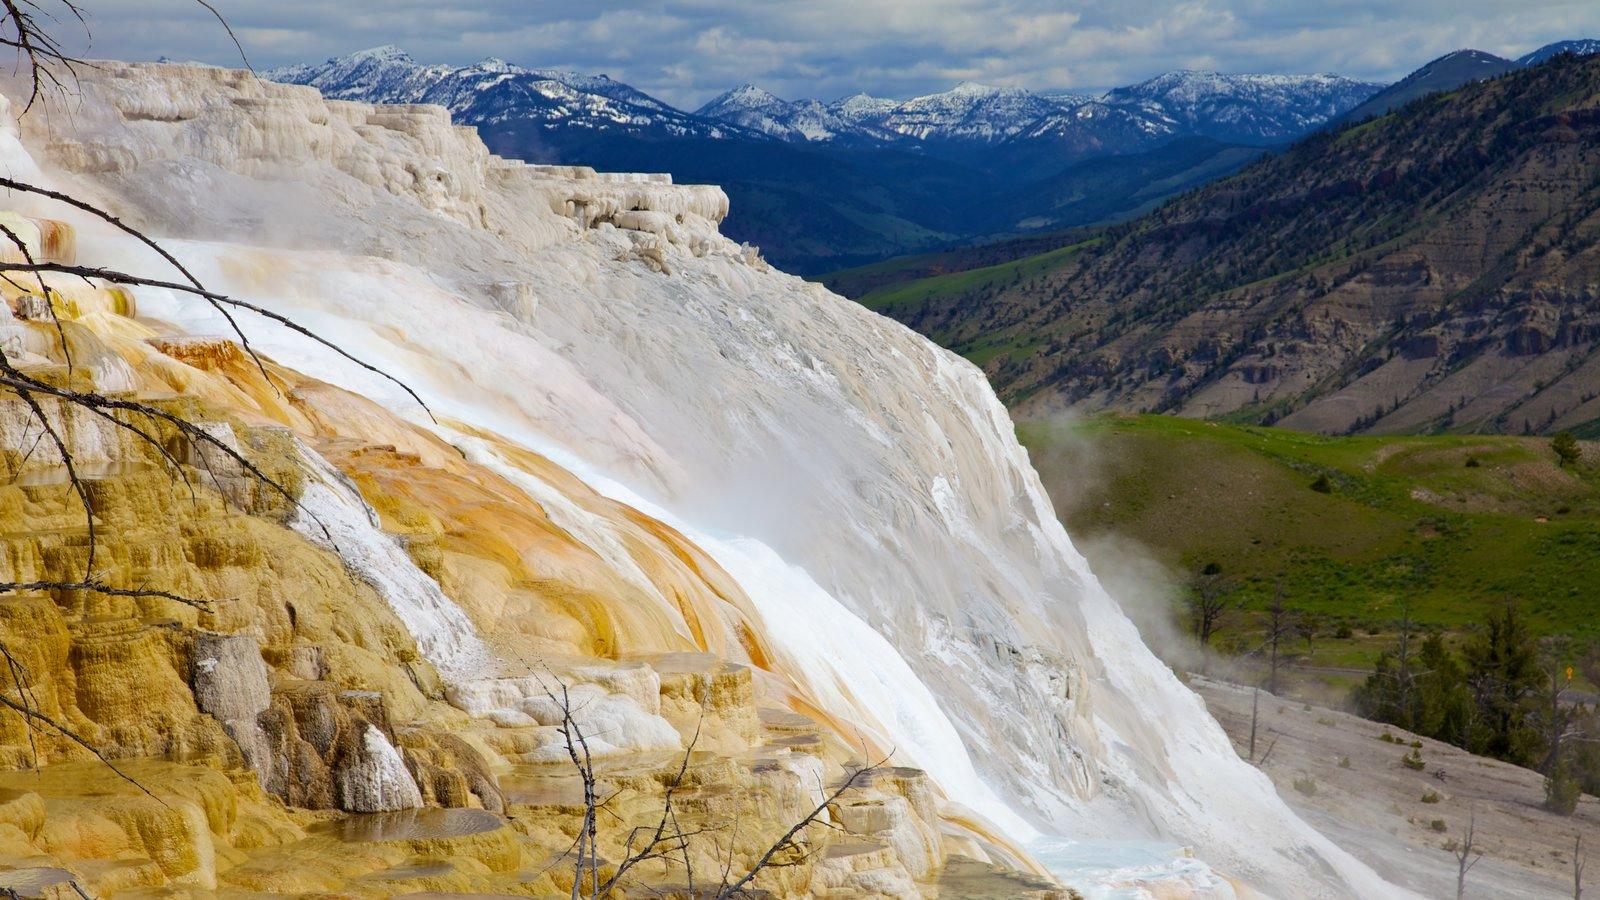 Yellowstone National Park caracterizando paisagem e montanhas